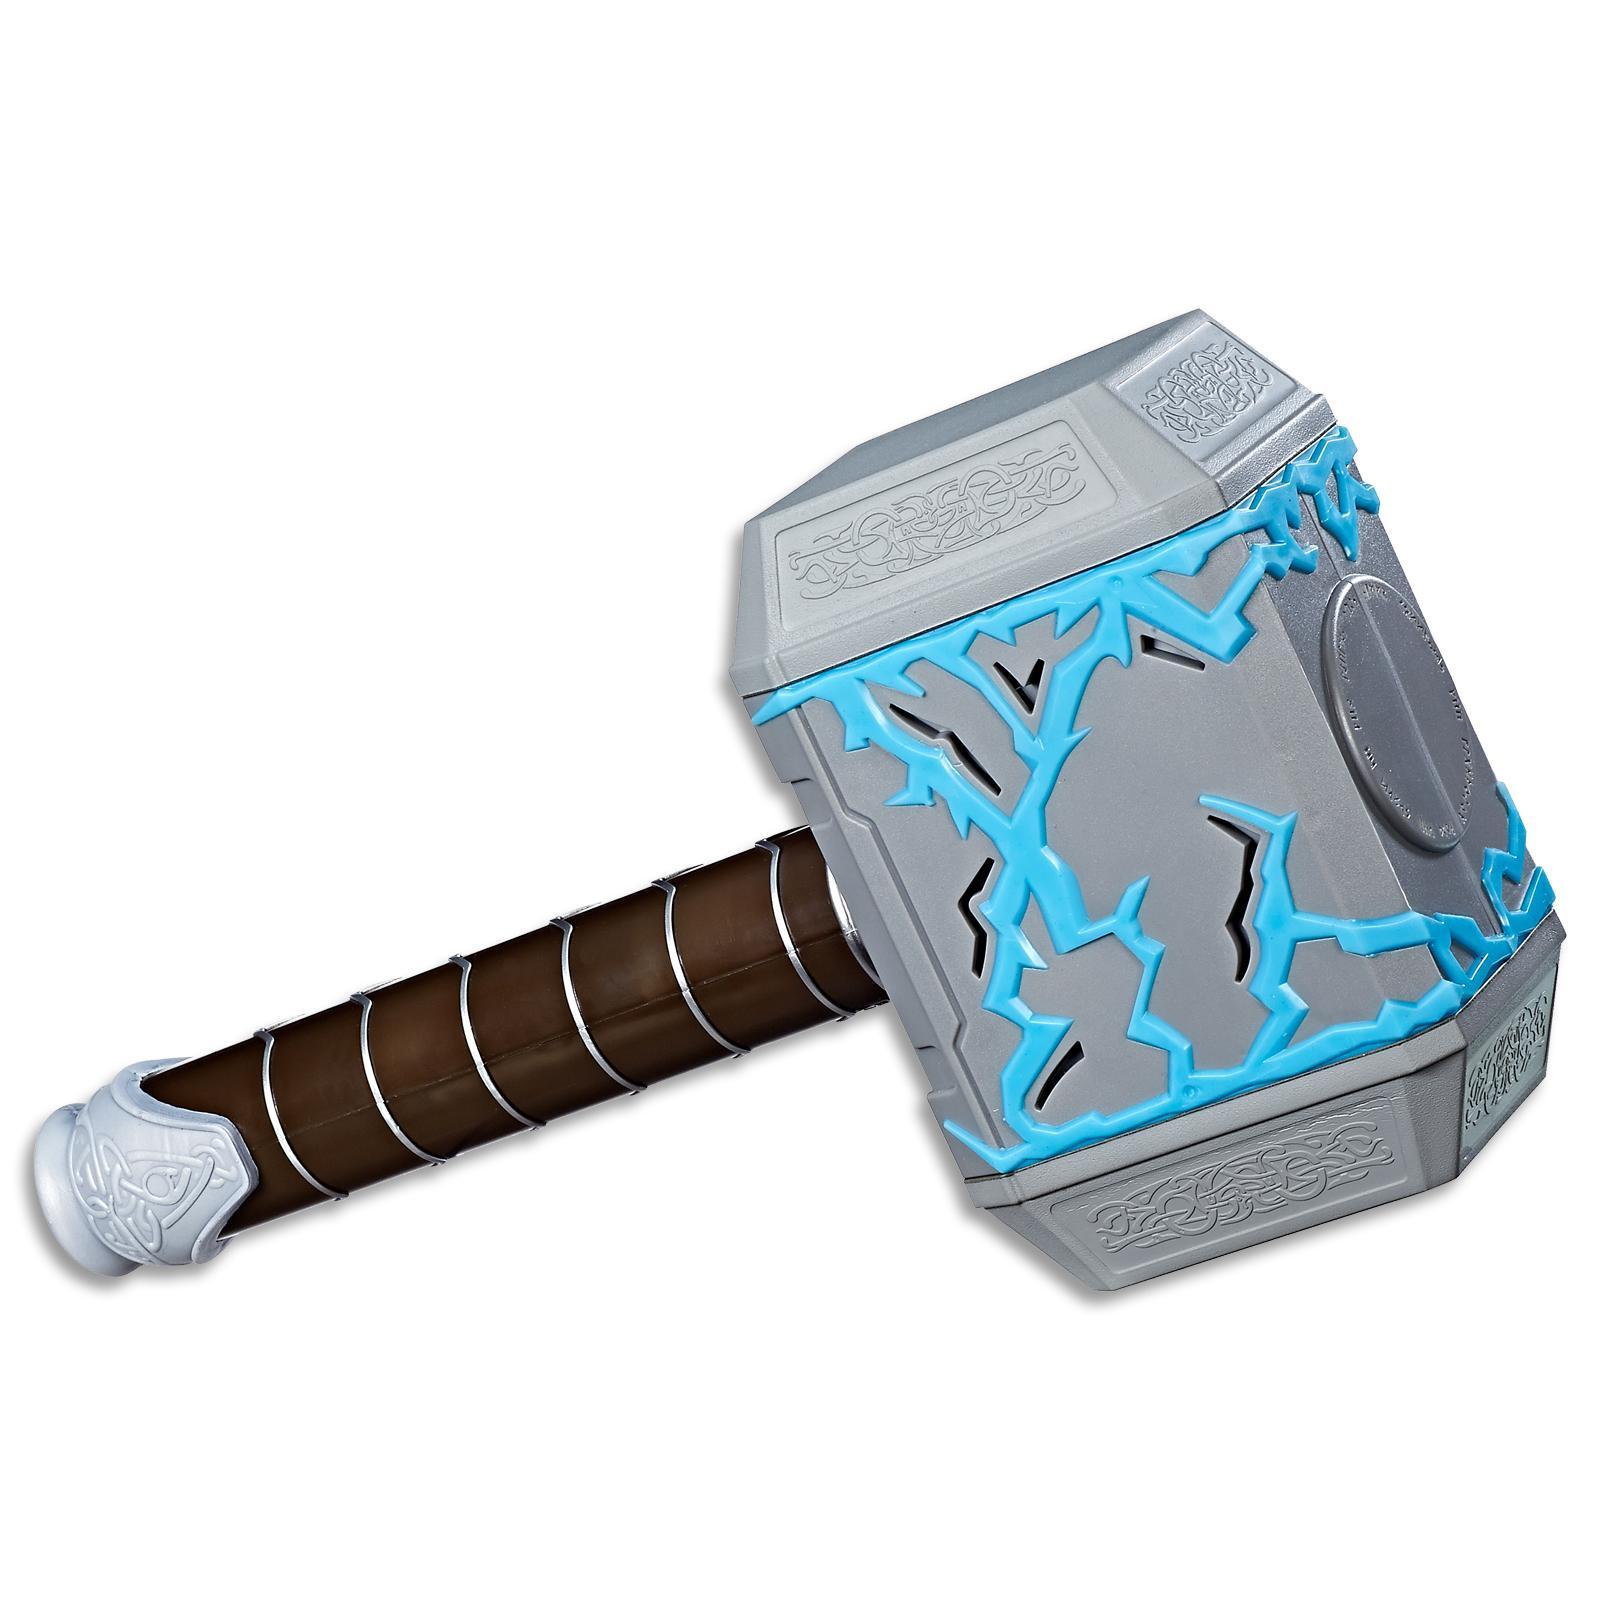 Marvel AVENGERS - Thor Ragnarok - Rumble Strike Hammer with